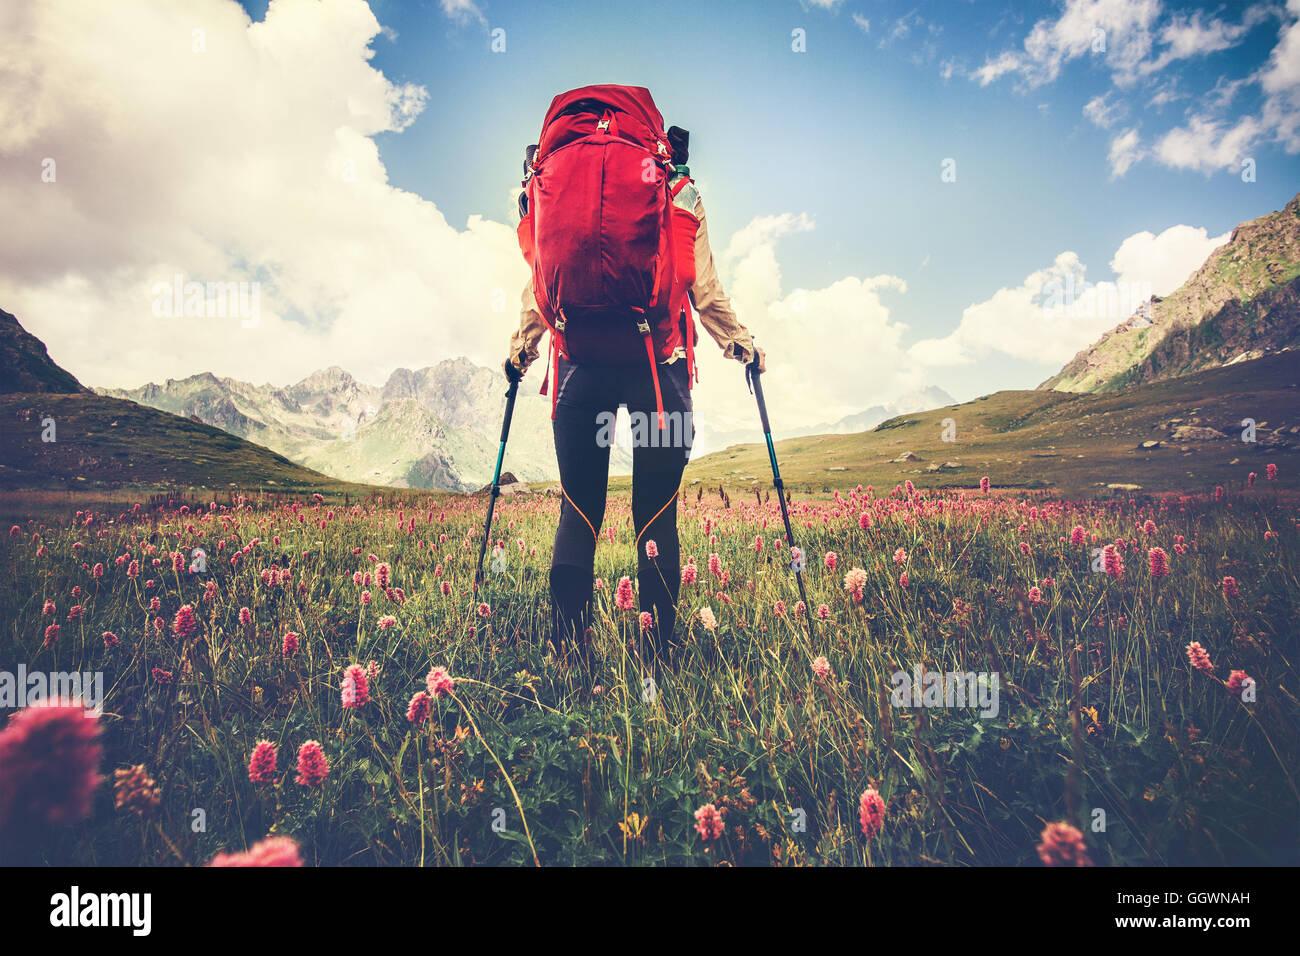 Woman Traveler mit roten Rucksack wandern Reisen Lifestyle Konzept Sommer Urlaub im freien Bergen und Blumen Tal Stockbild